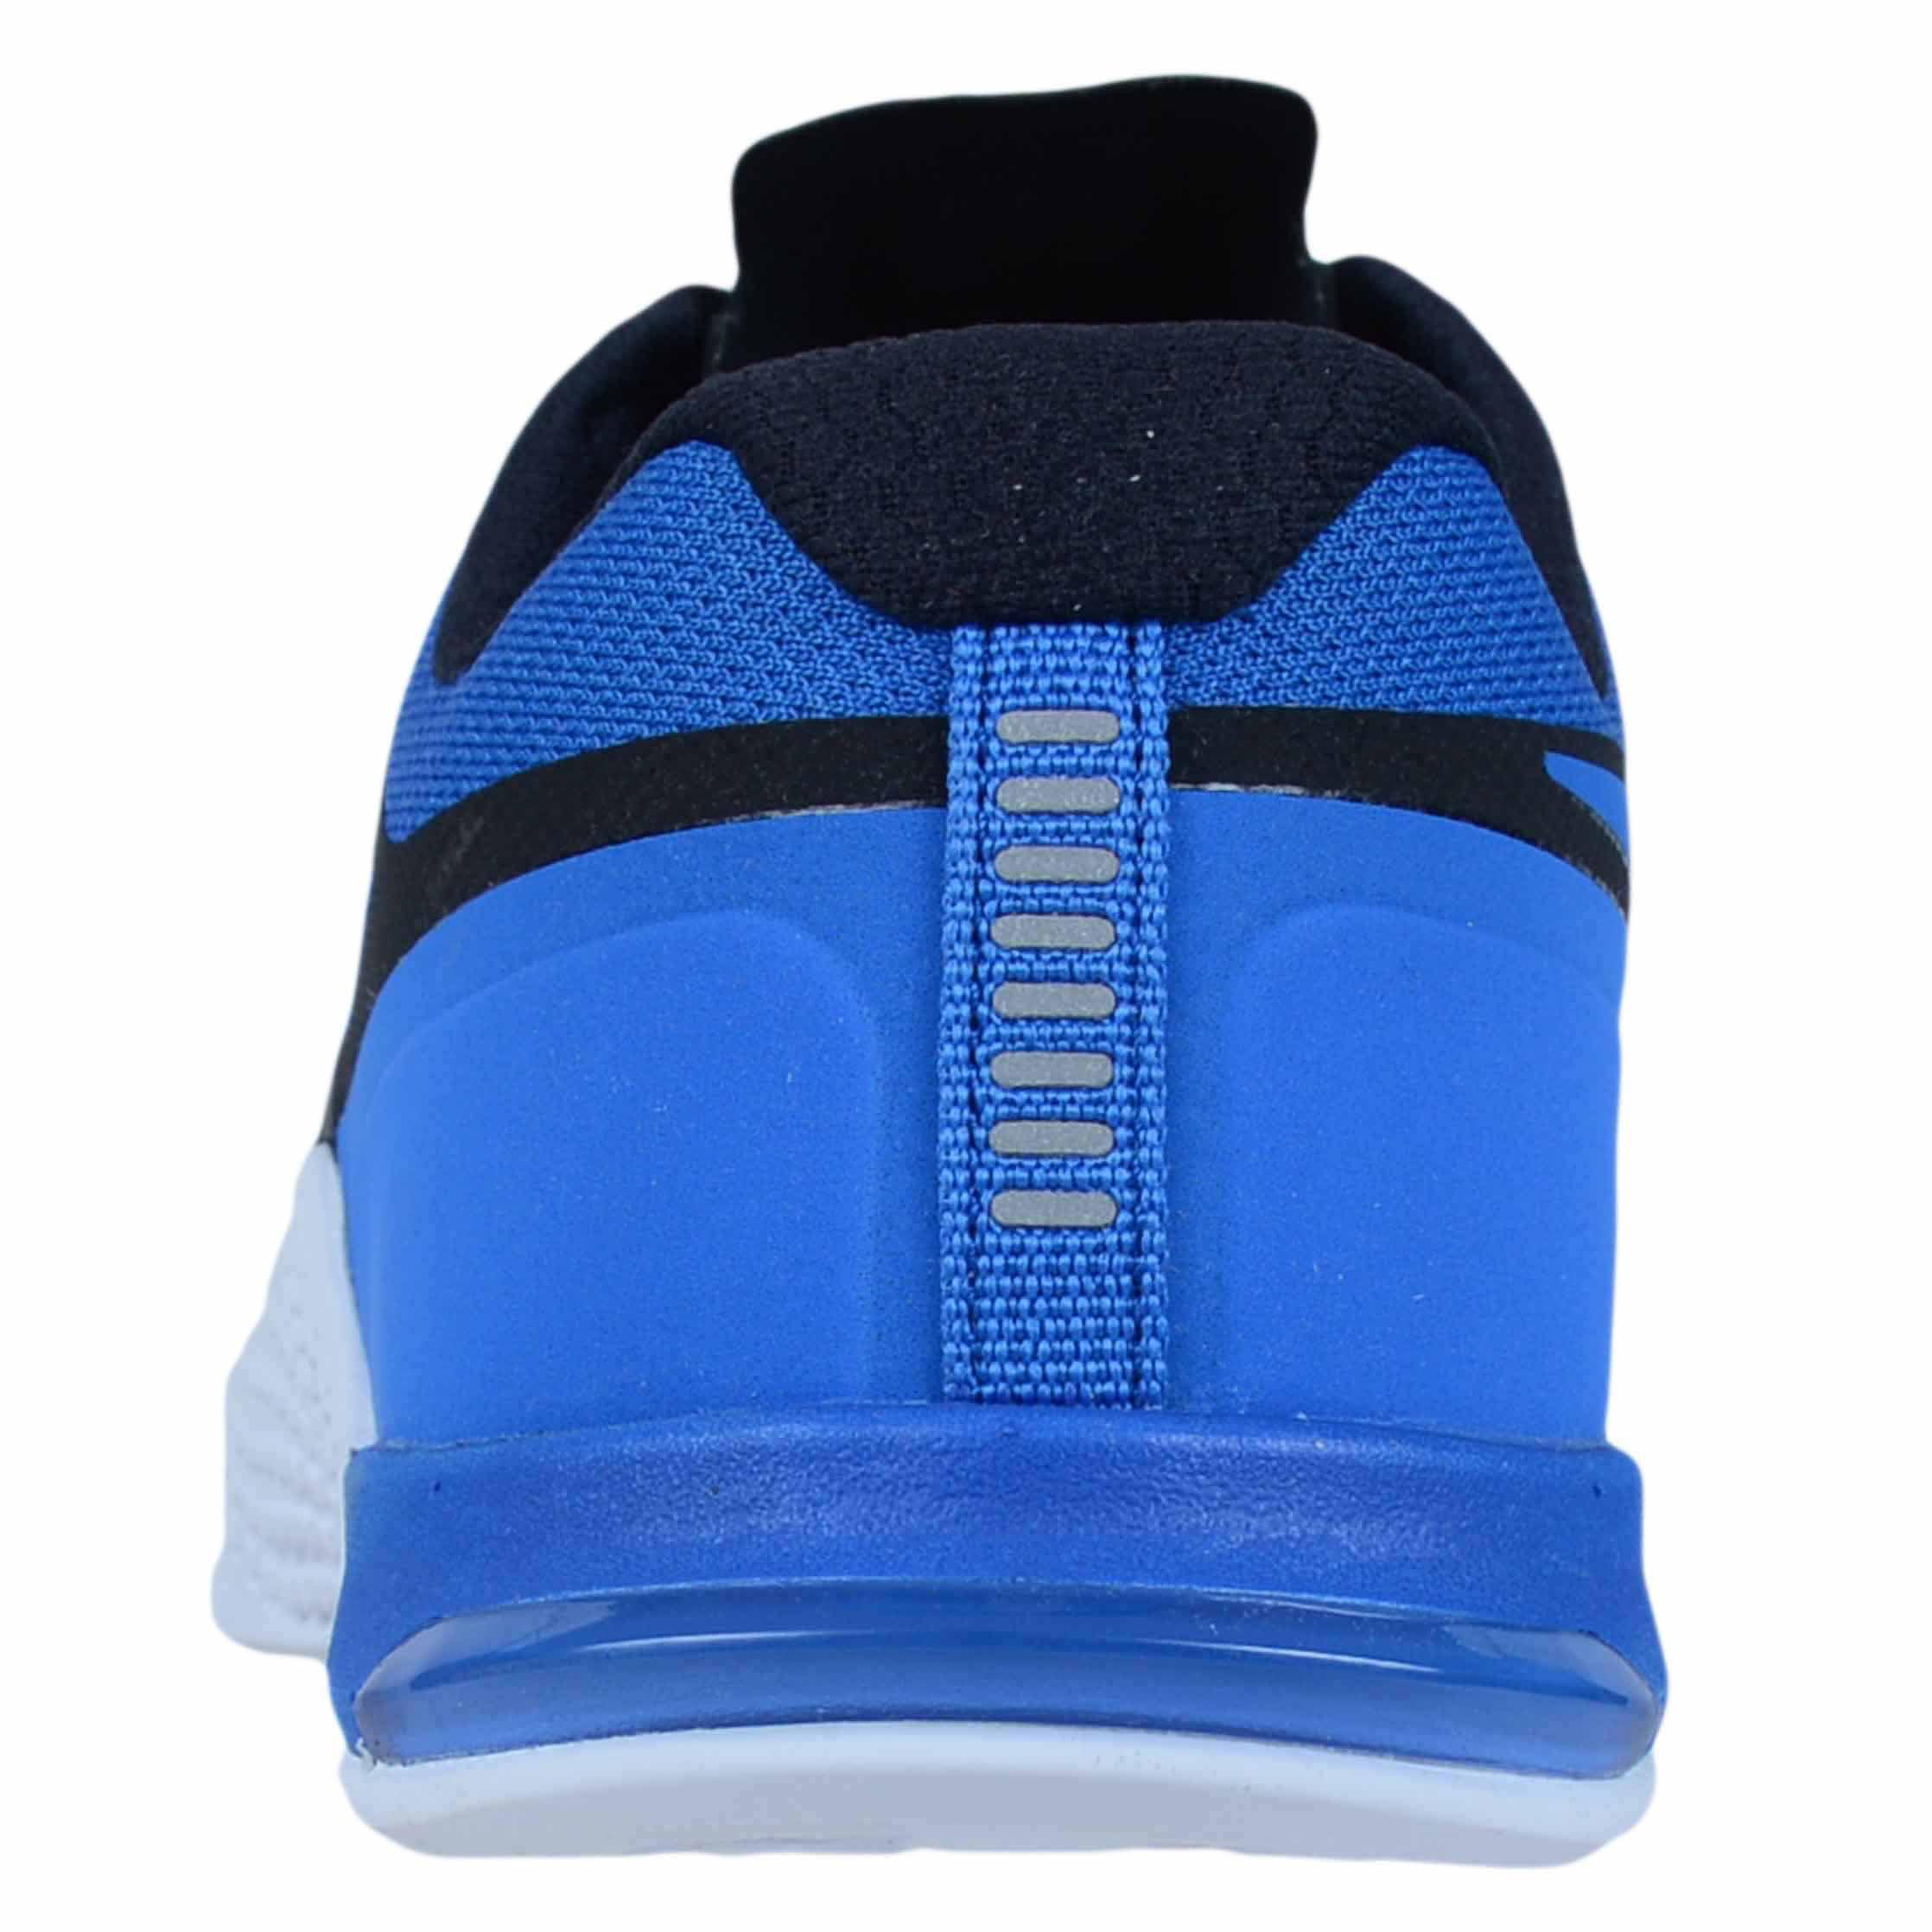 quality design 4cb40 1fbbf ... air sz10 révèlent le lagon bleu vert hommes the 834064 422 brillent  chaussures 862925 c31b1 e2ab0  authentic nike metcon 2 2 2 ampoule x noir  bleu royal ...